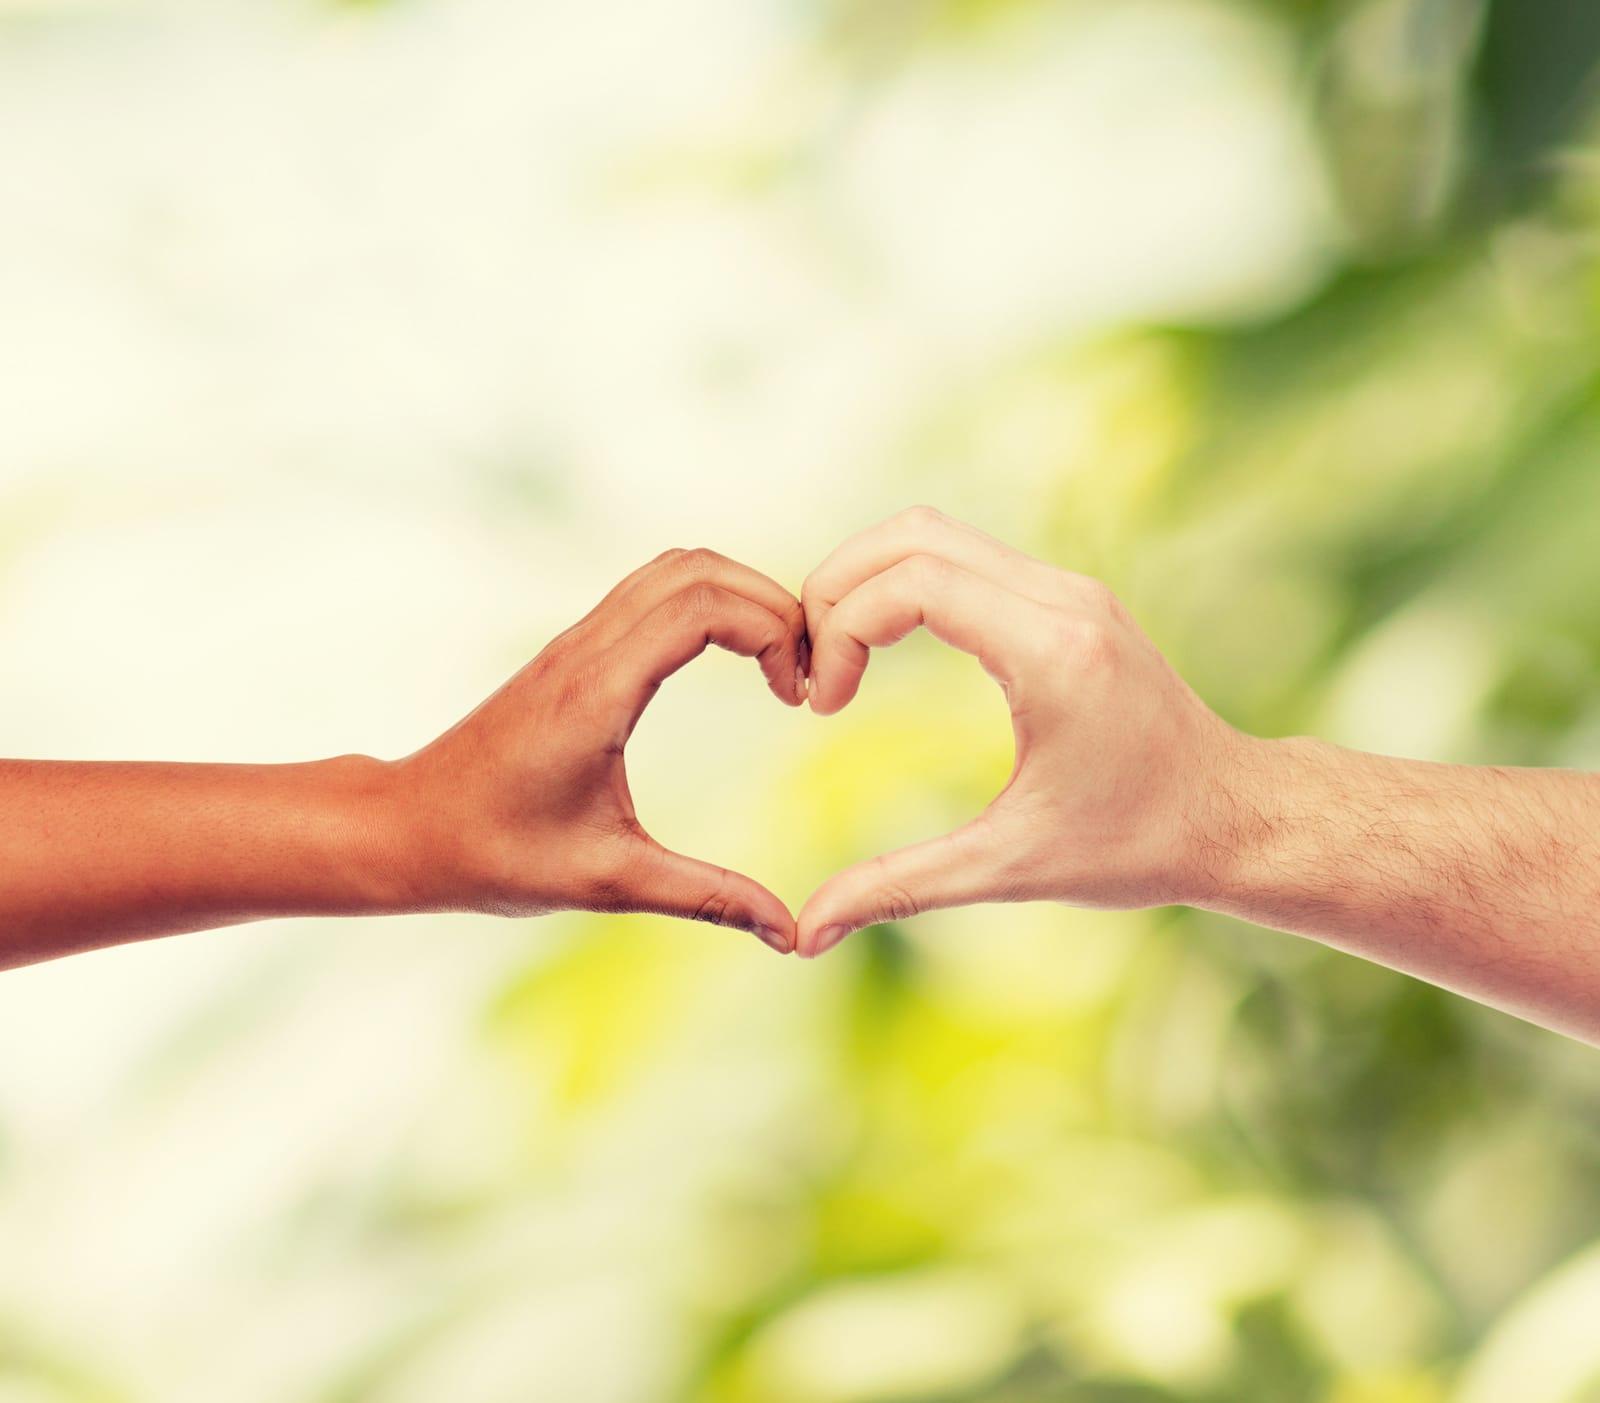 Liebe ist das einzige, das sich vermehrt, wenn man es teilt.